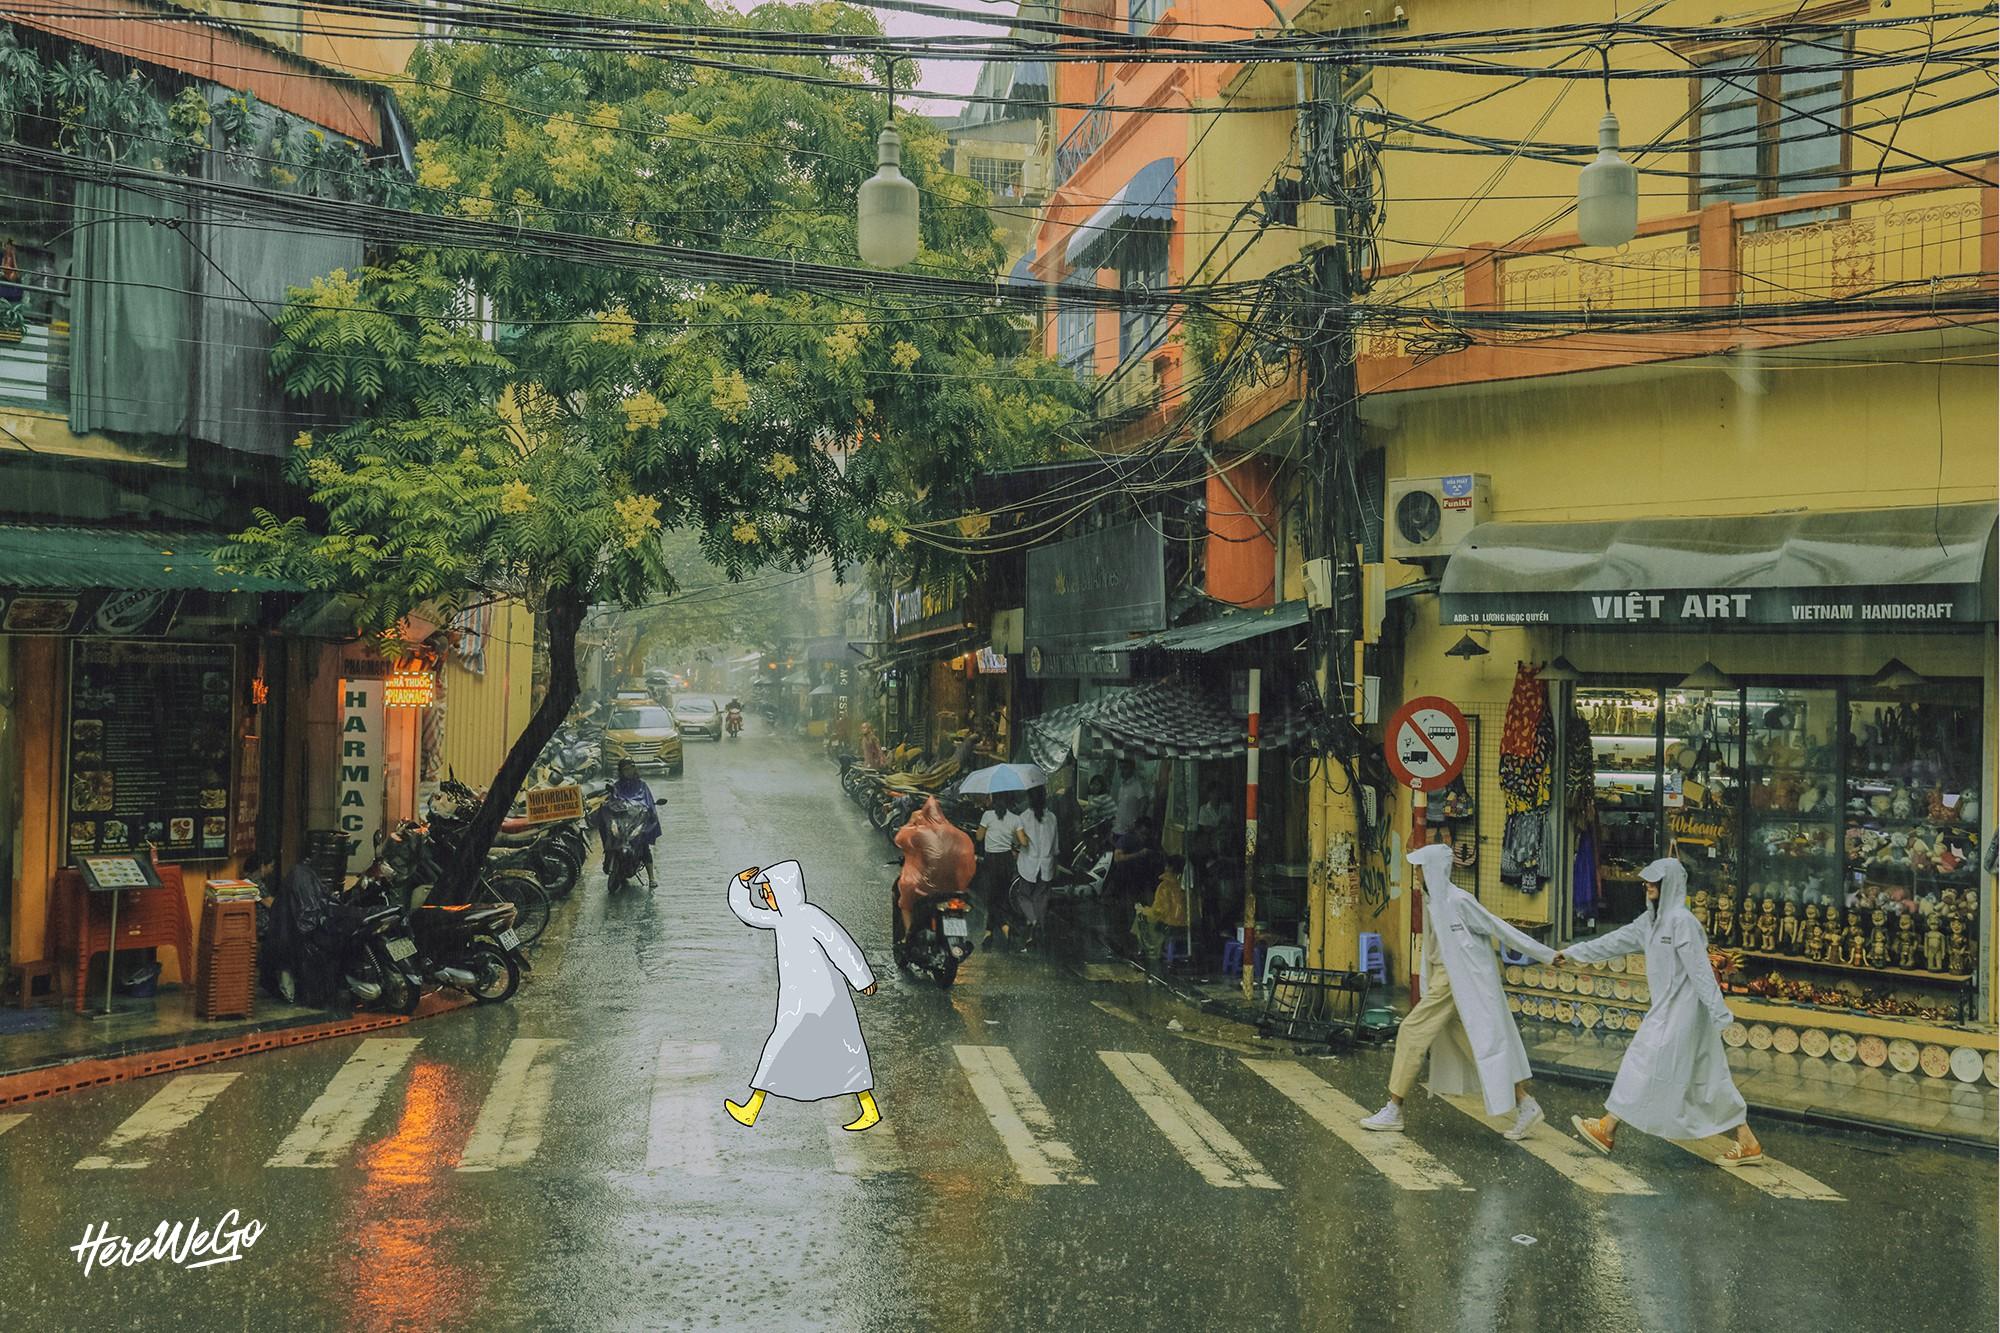 Bất ngờ trước những khung hình mùa thu Hà Nội - Ninh Bình đẹp và trong trẻo như thời thơ ấu của Jolie Nguyễn và các bạn đồng hành - Ảnh 7.